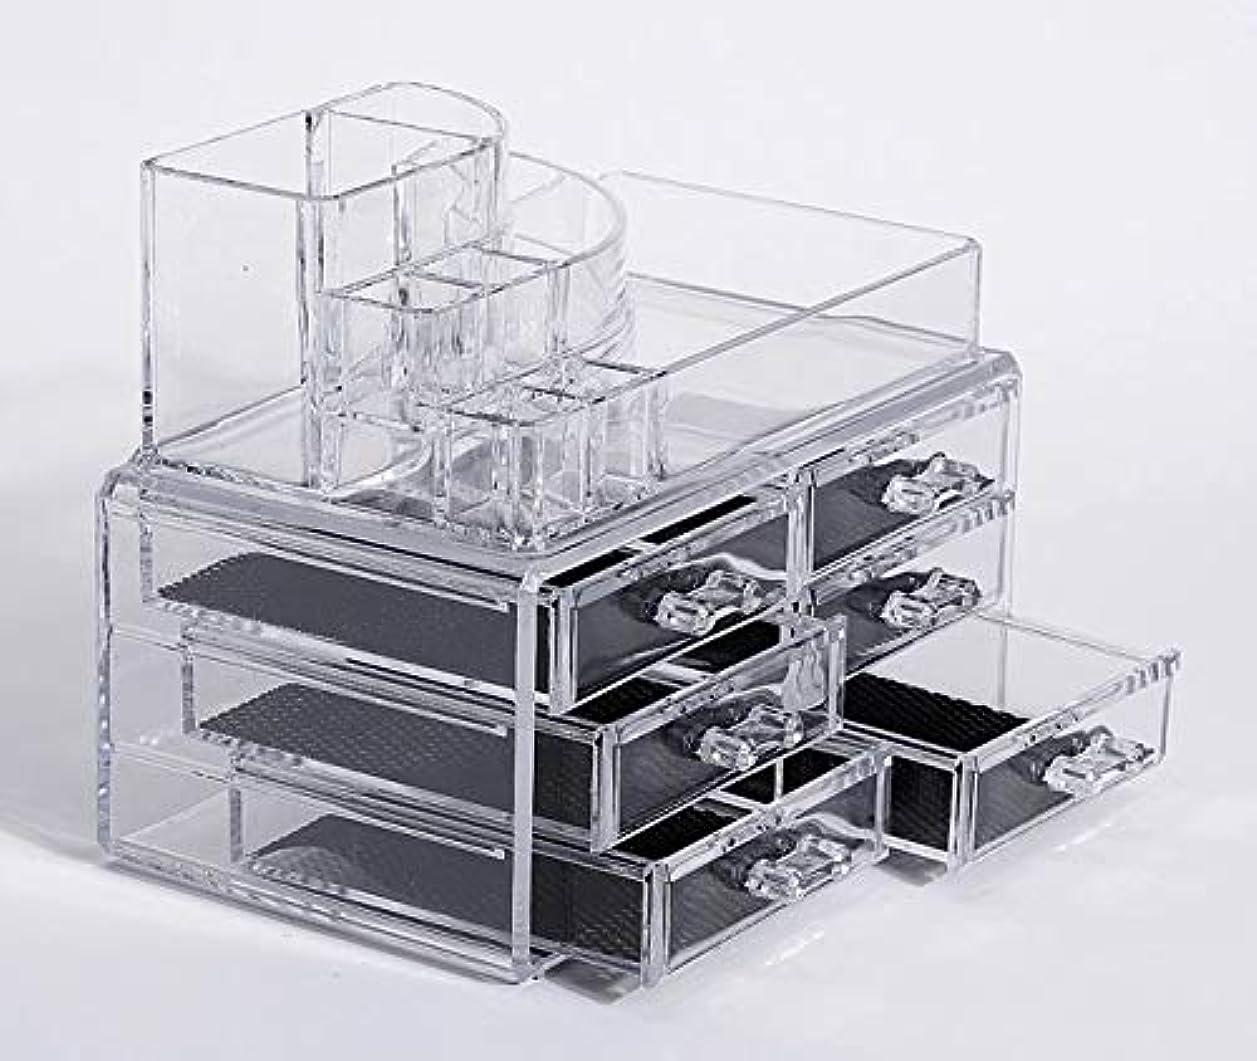 自信がある教会相対サイズ化粧品収納ボックス メイクボックス 化粧品 収納 ニオイなし 騒音なし 防塵 高透明度 強い耐久性